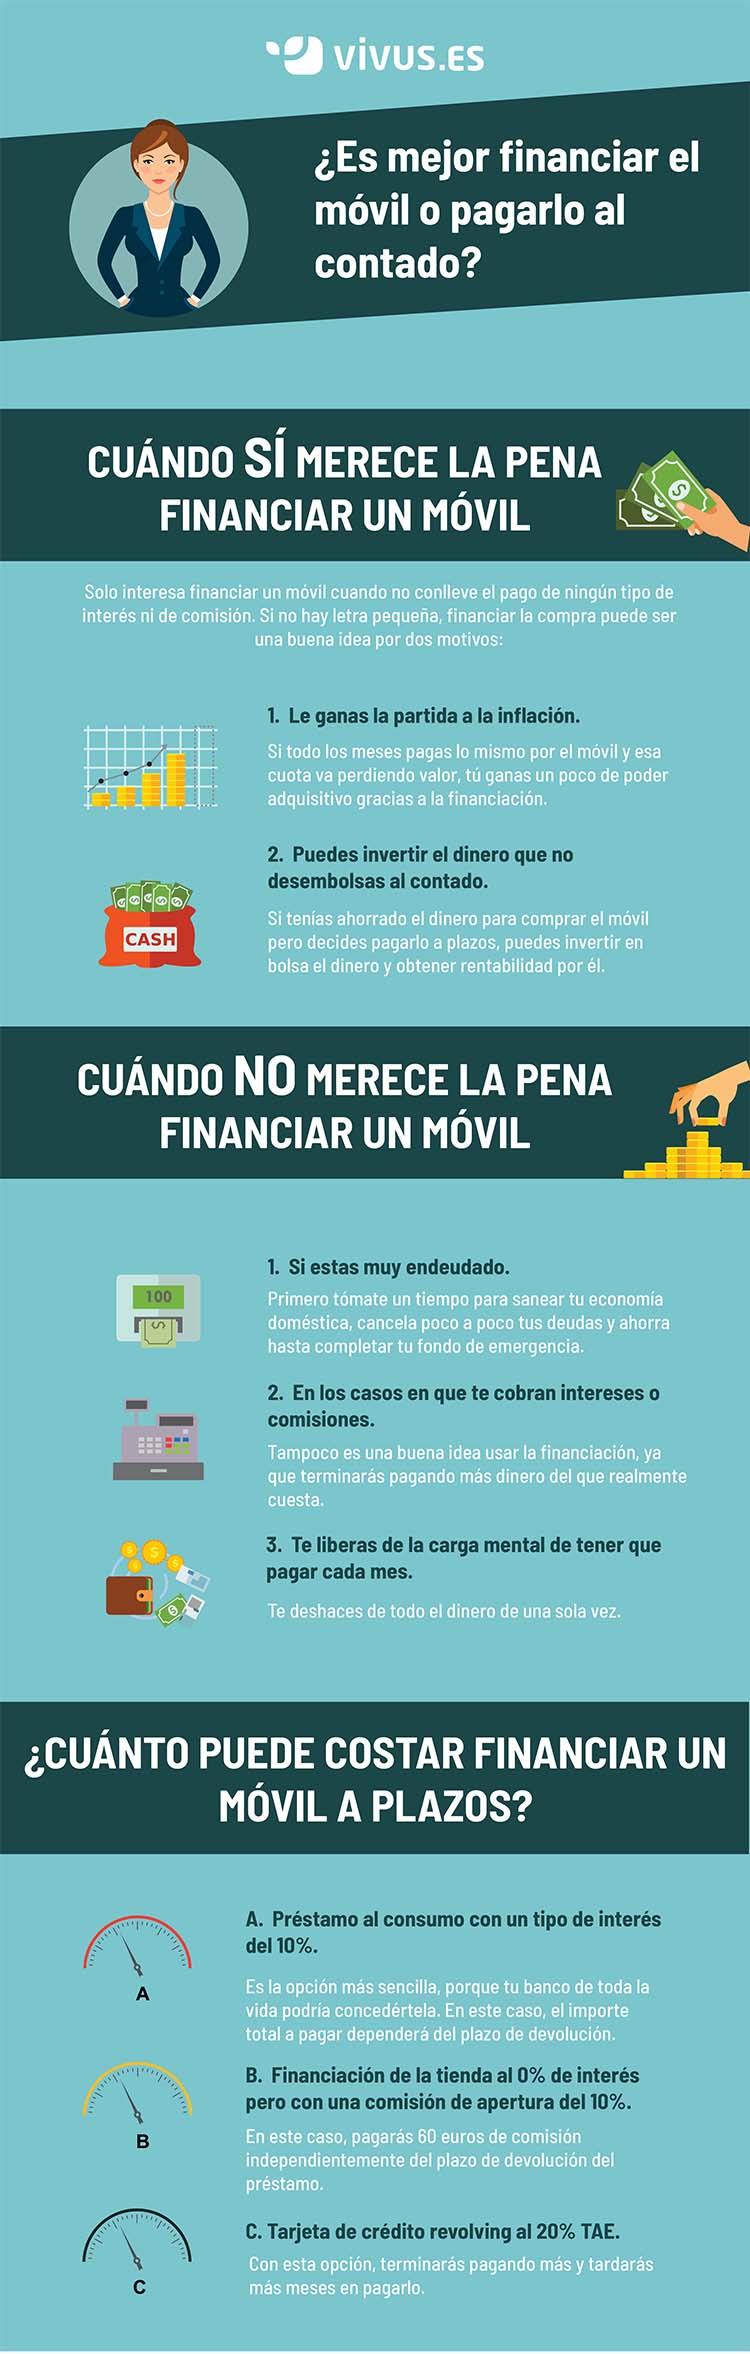 Infografía | Cómo financiar un teléfono móvil